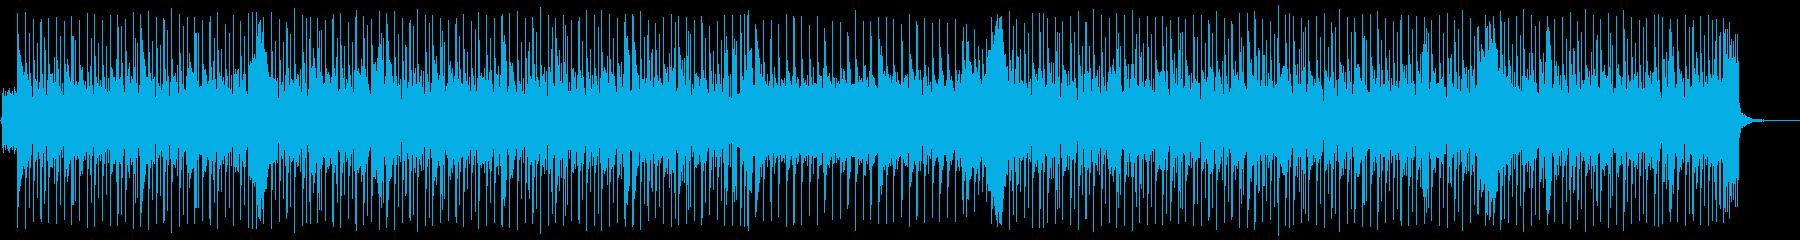 四つ打ちの怪しいイメージの再生済みの波形